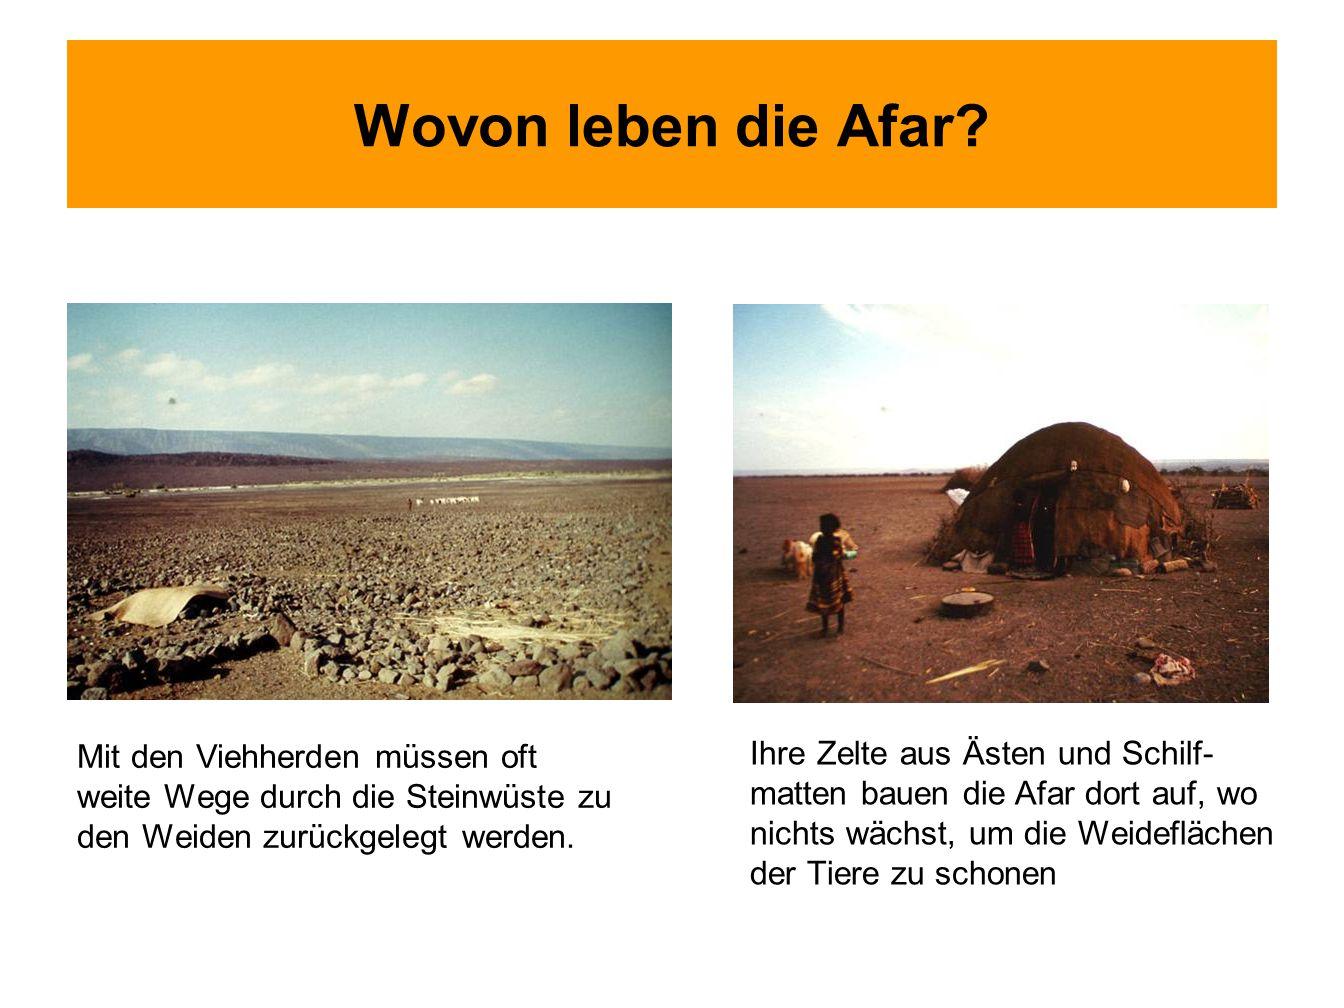 Wovon leben die Afar? Mit den Viehherden müssen oft weite Wege durch die Steinwüste zu den Weiden zurückgelegt werden. Ihre Zelte aus Ästen und Schilf